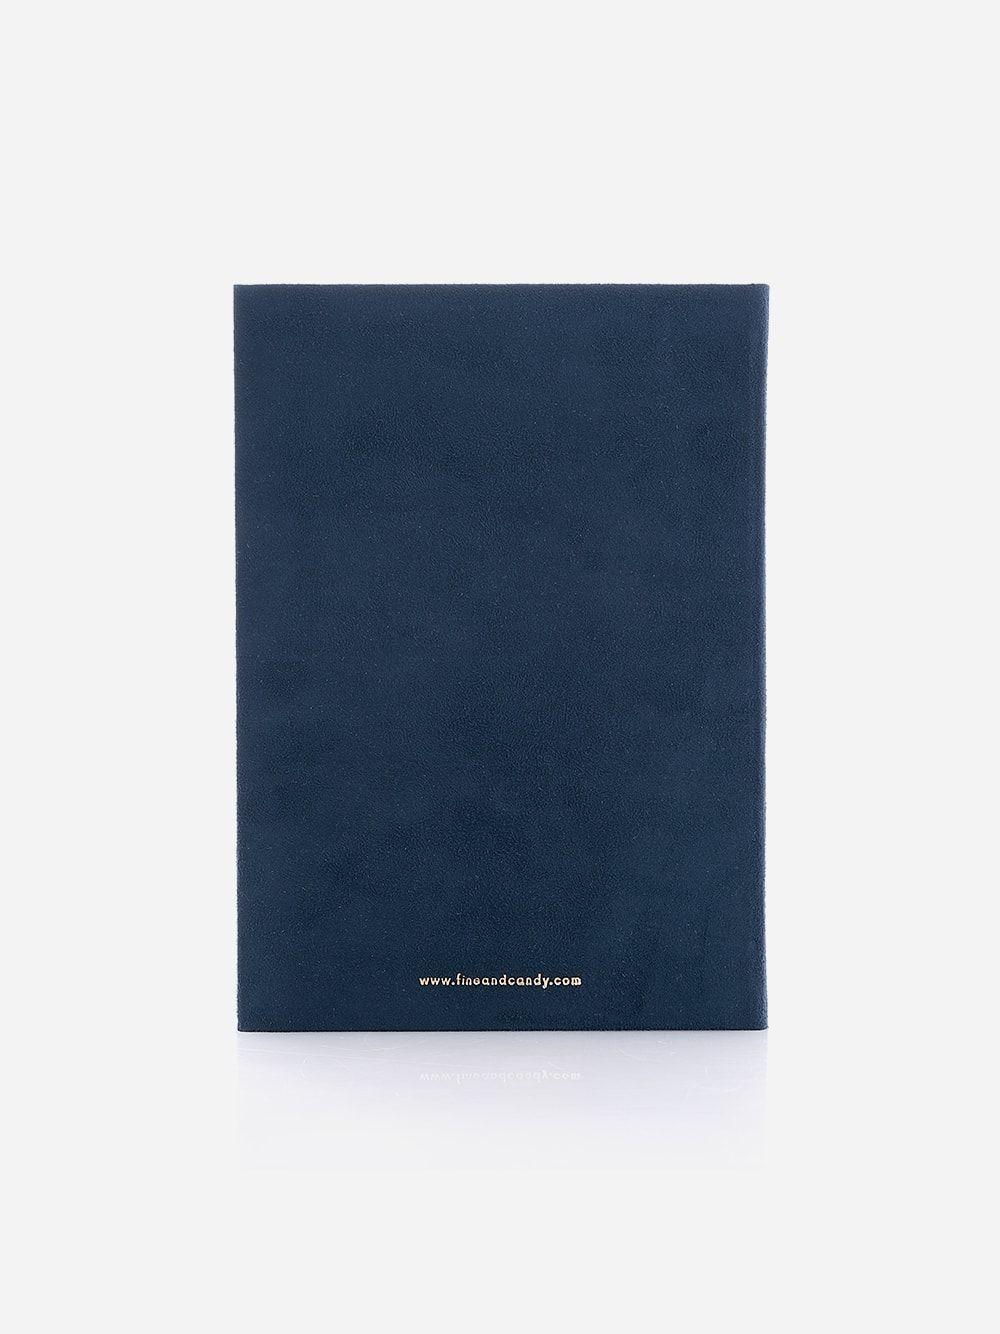 Laguna Notebook | Fine & Candy